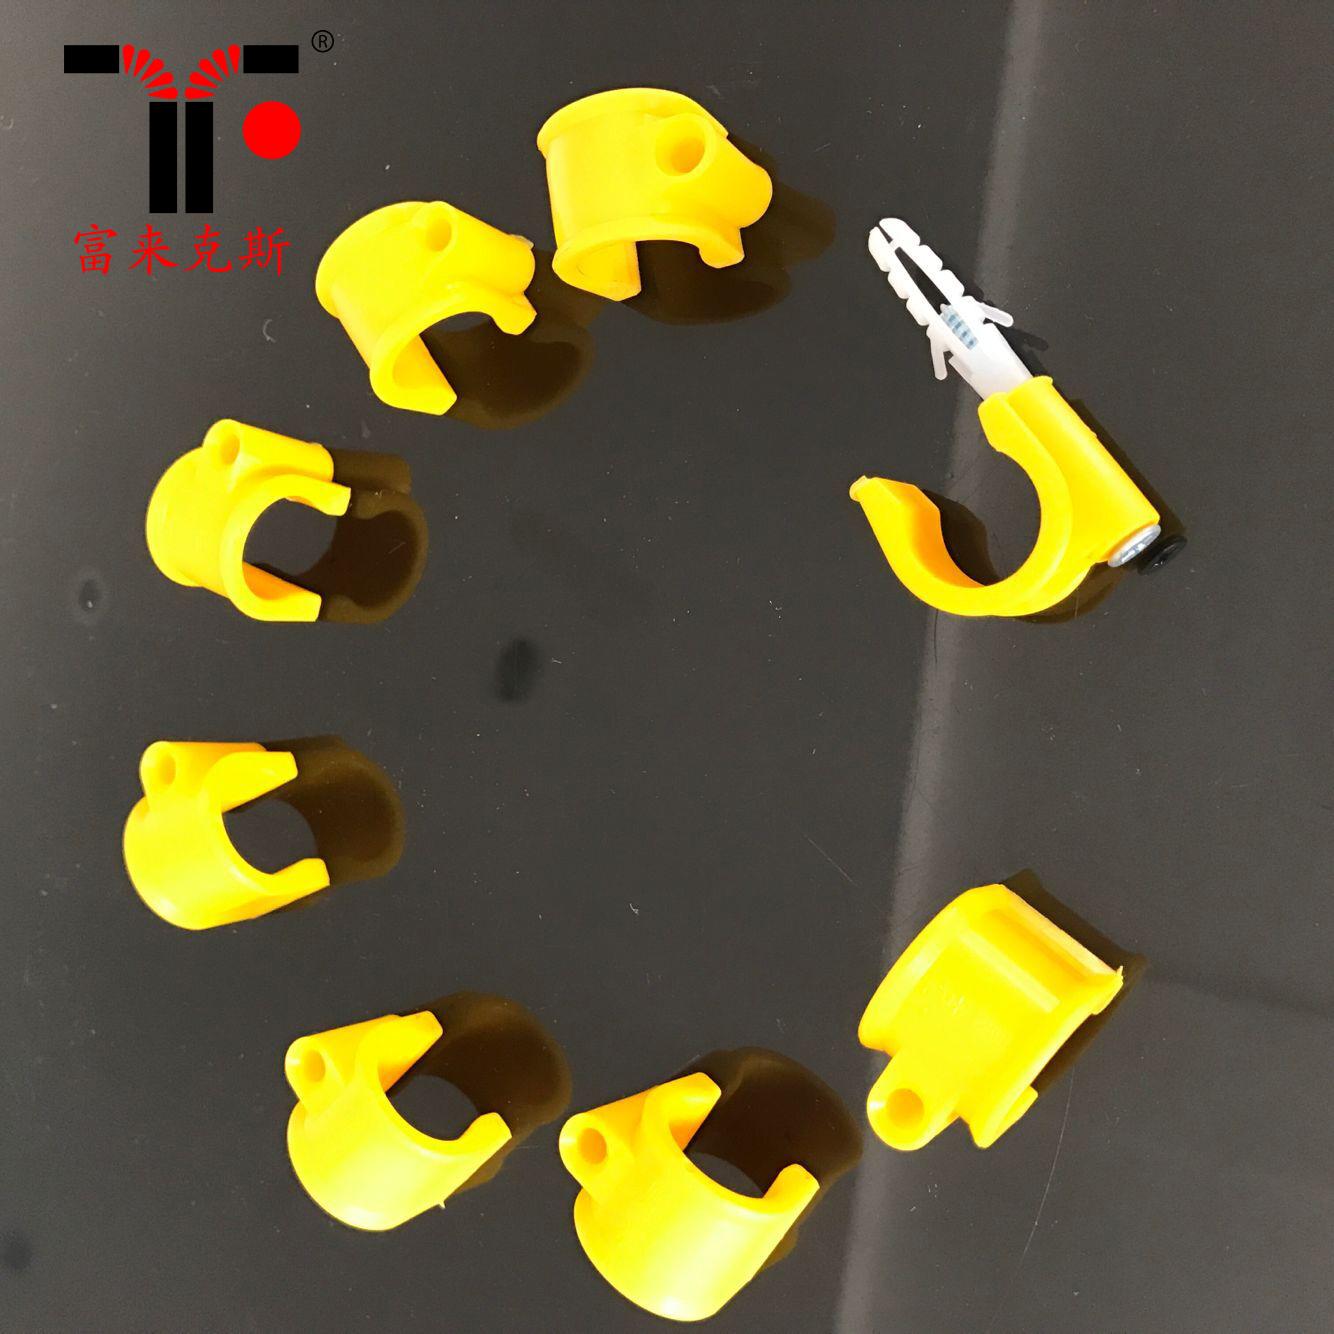 尼龙塑料管卡 塑料卡子 燃气专用管夹 guding卡子